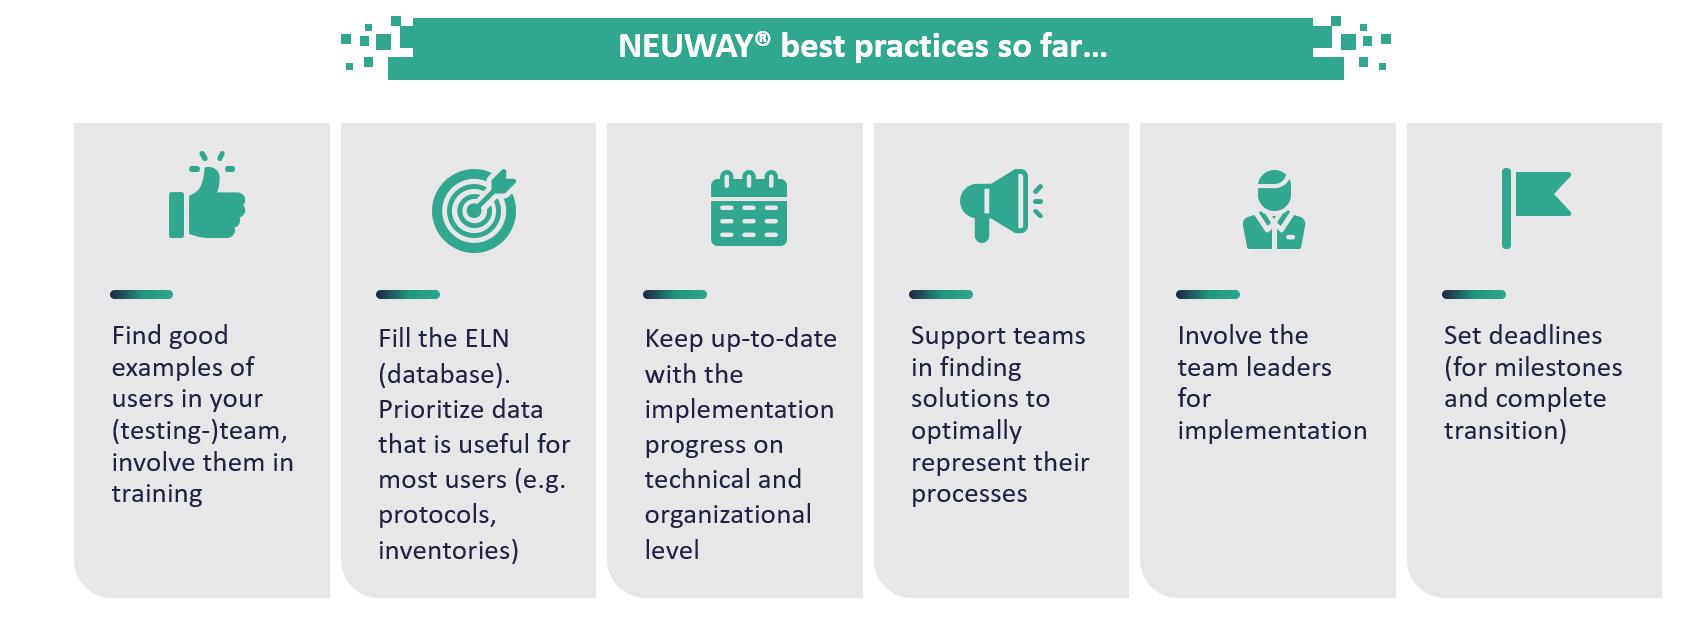 NEUWAY Pharma best practices